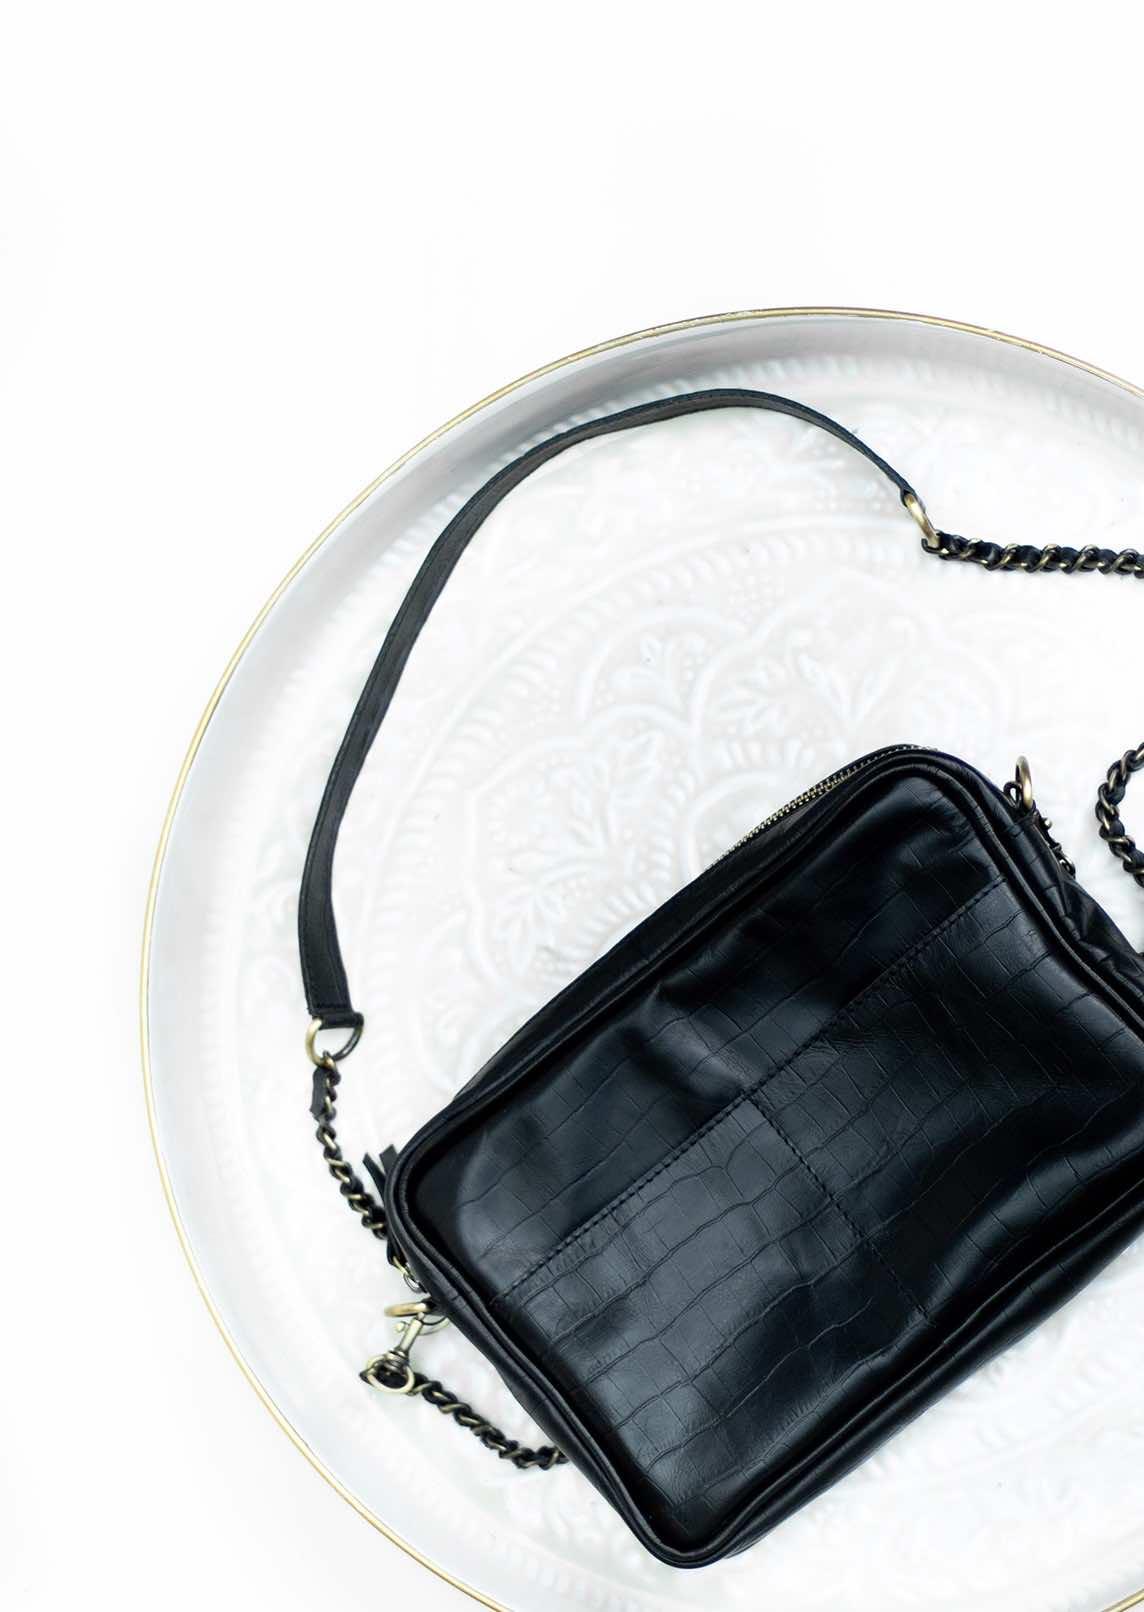 Petit sac cuir noir avec bandoulière chaine amovible